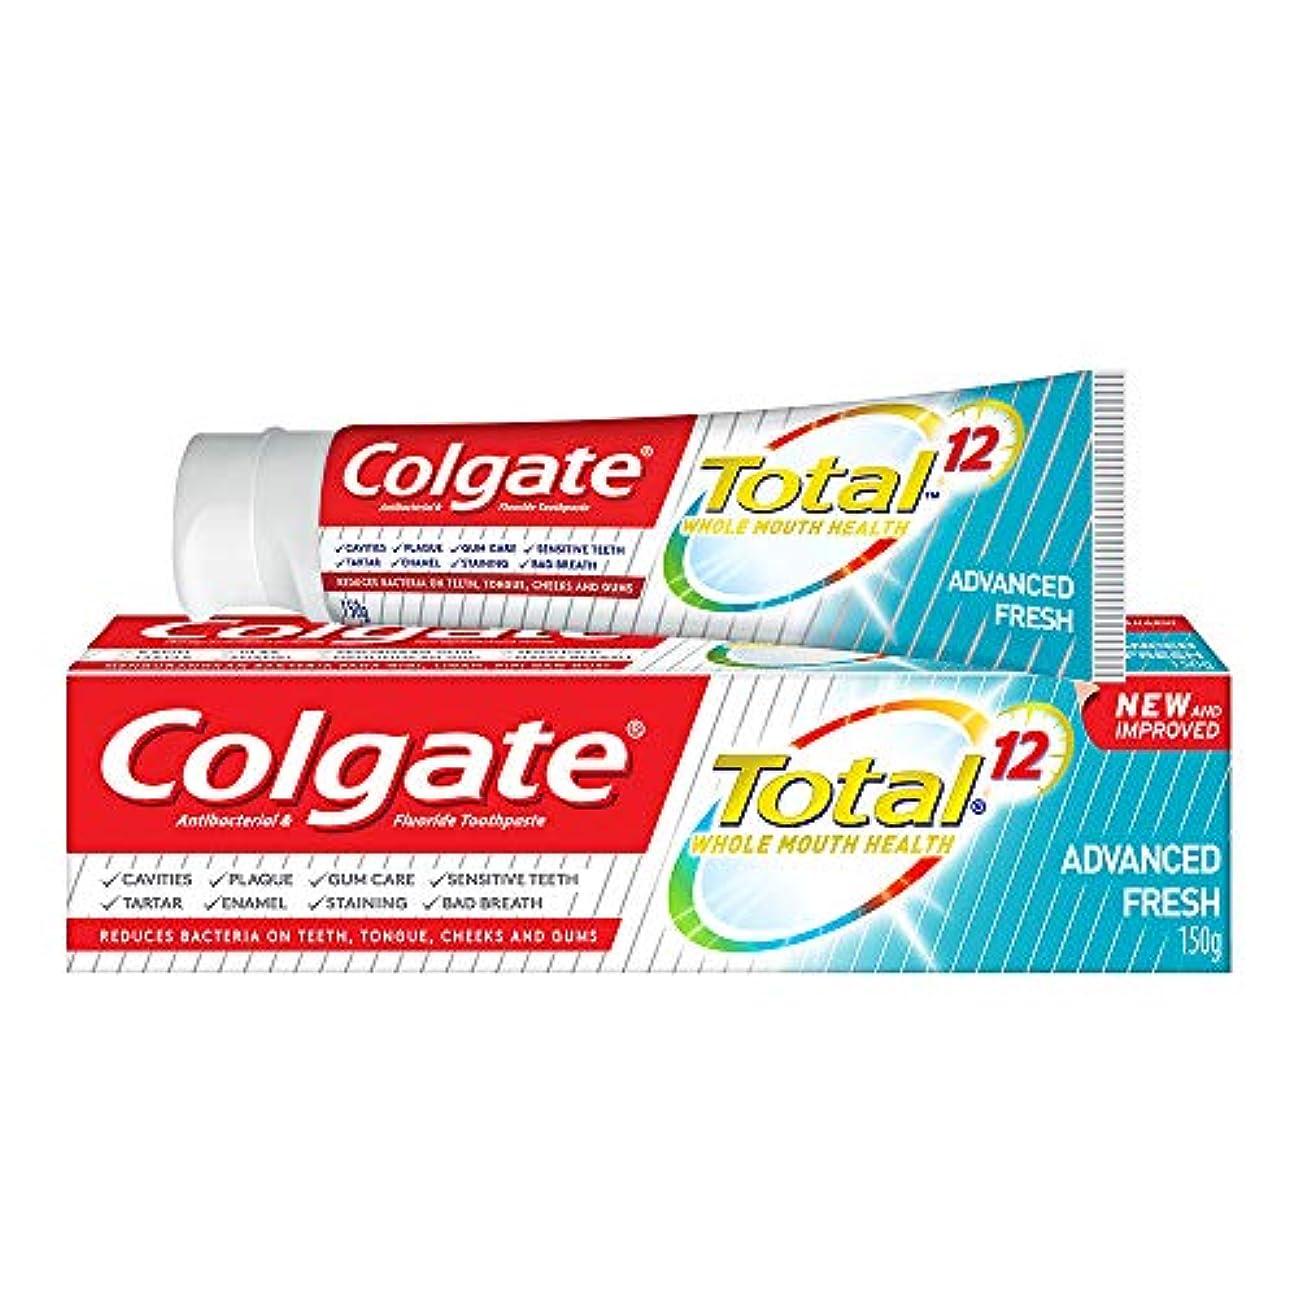 グリルサージ密度Colgate コルゲート トータル トゥースペースト 150g (歯磨き粉) 【歯磨き粉、虫歯予防、アメリカン雑貨】